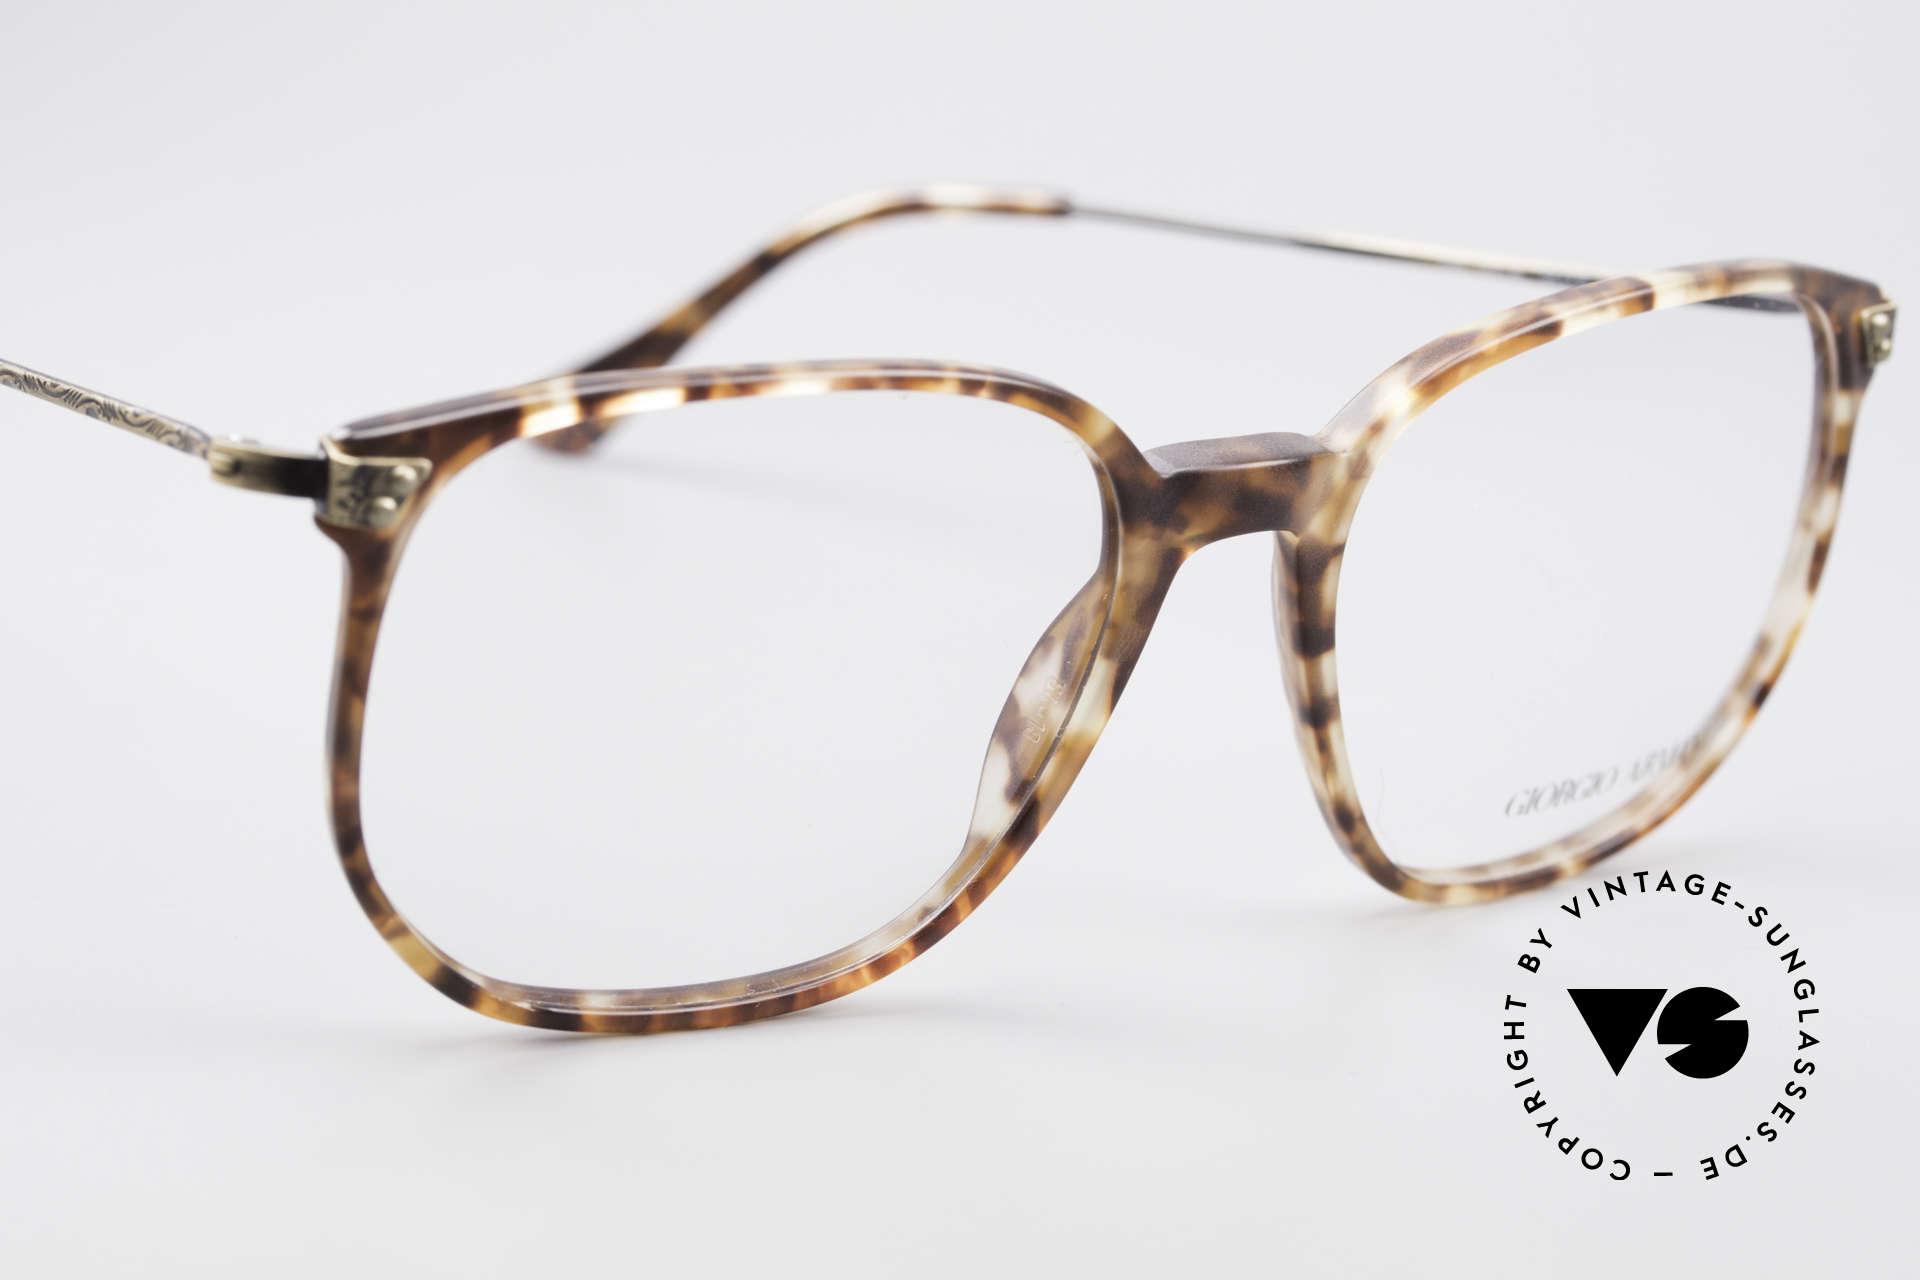 Giorgio Armani 335 Echte Vintage Unisex Brille, ungetragen (wie all unsere Armani Design-Klassiker), Passend für Herren und Damen